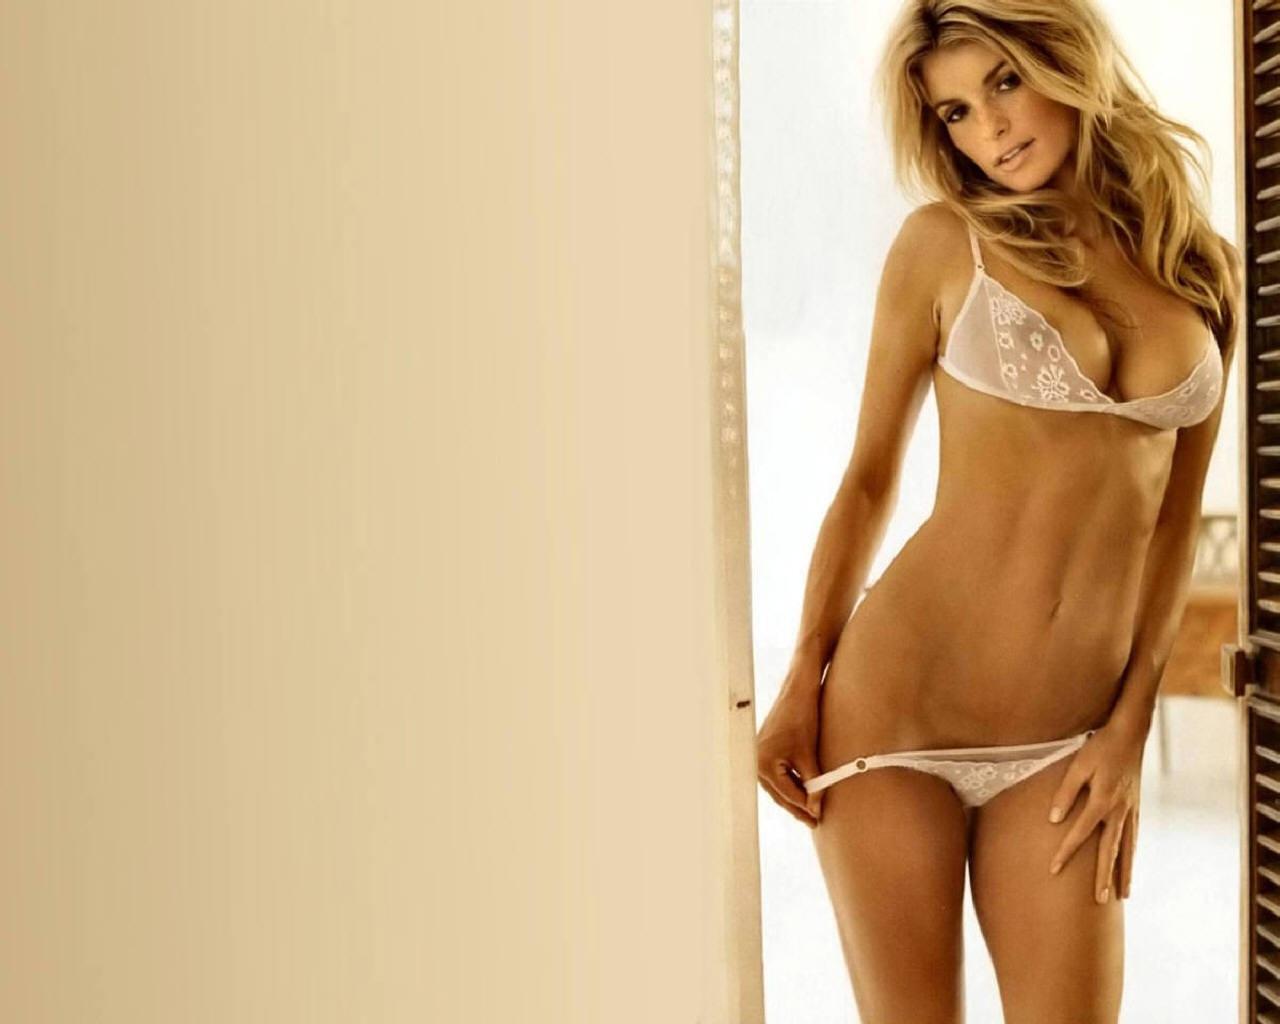 Фото девушек голый полностью, Молодые голые девушки - смотреть фото красивых 6 фотография